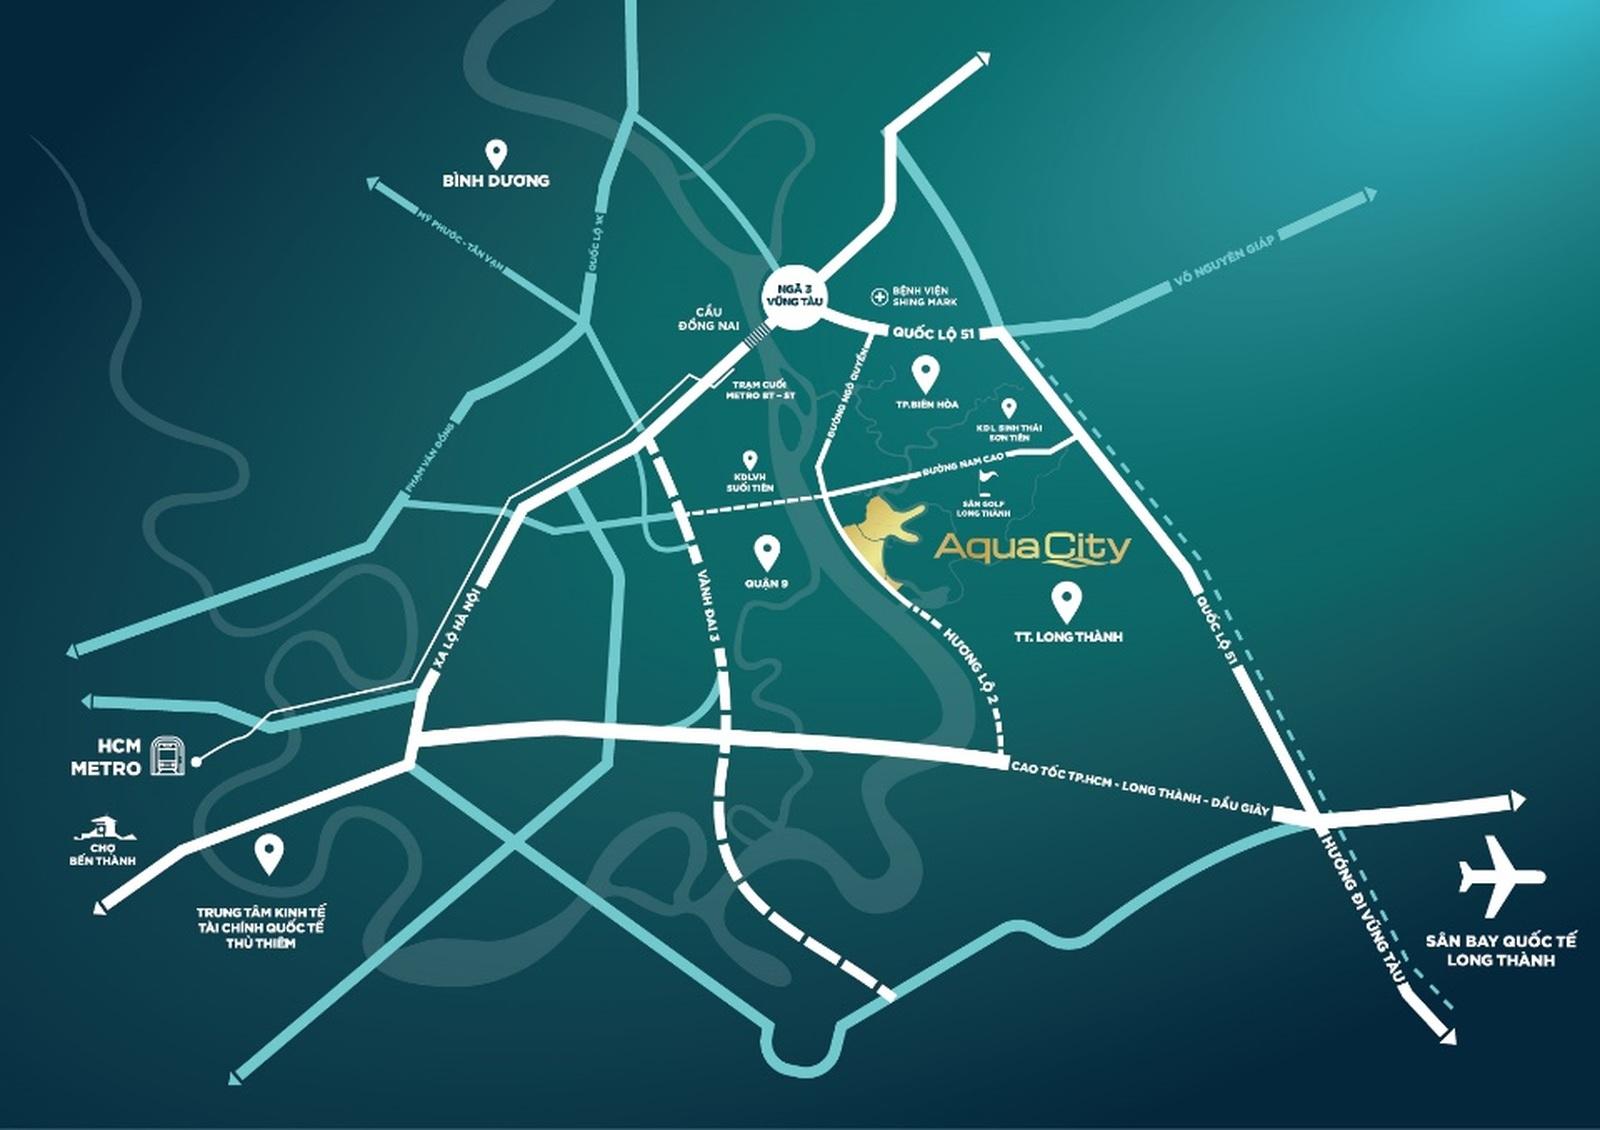 Đô thị sinh thái thông minh Aqua City: Xứng tầm đẳng cấp - Hấp dẫn đầu tư - 2